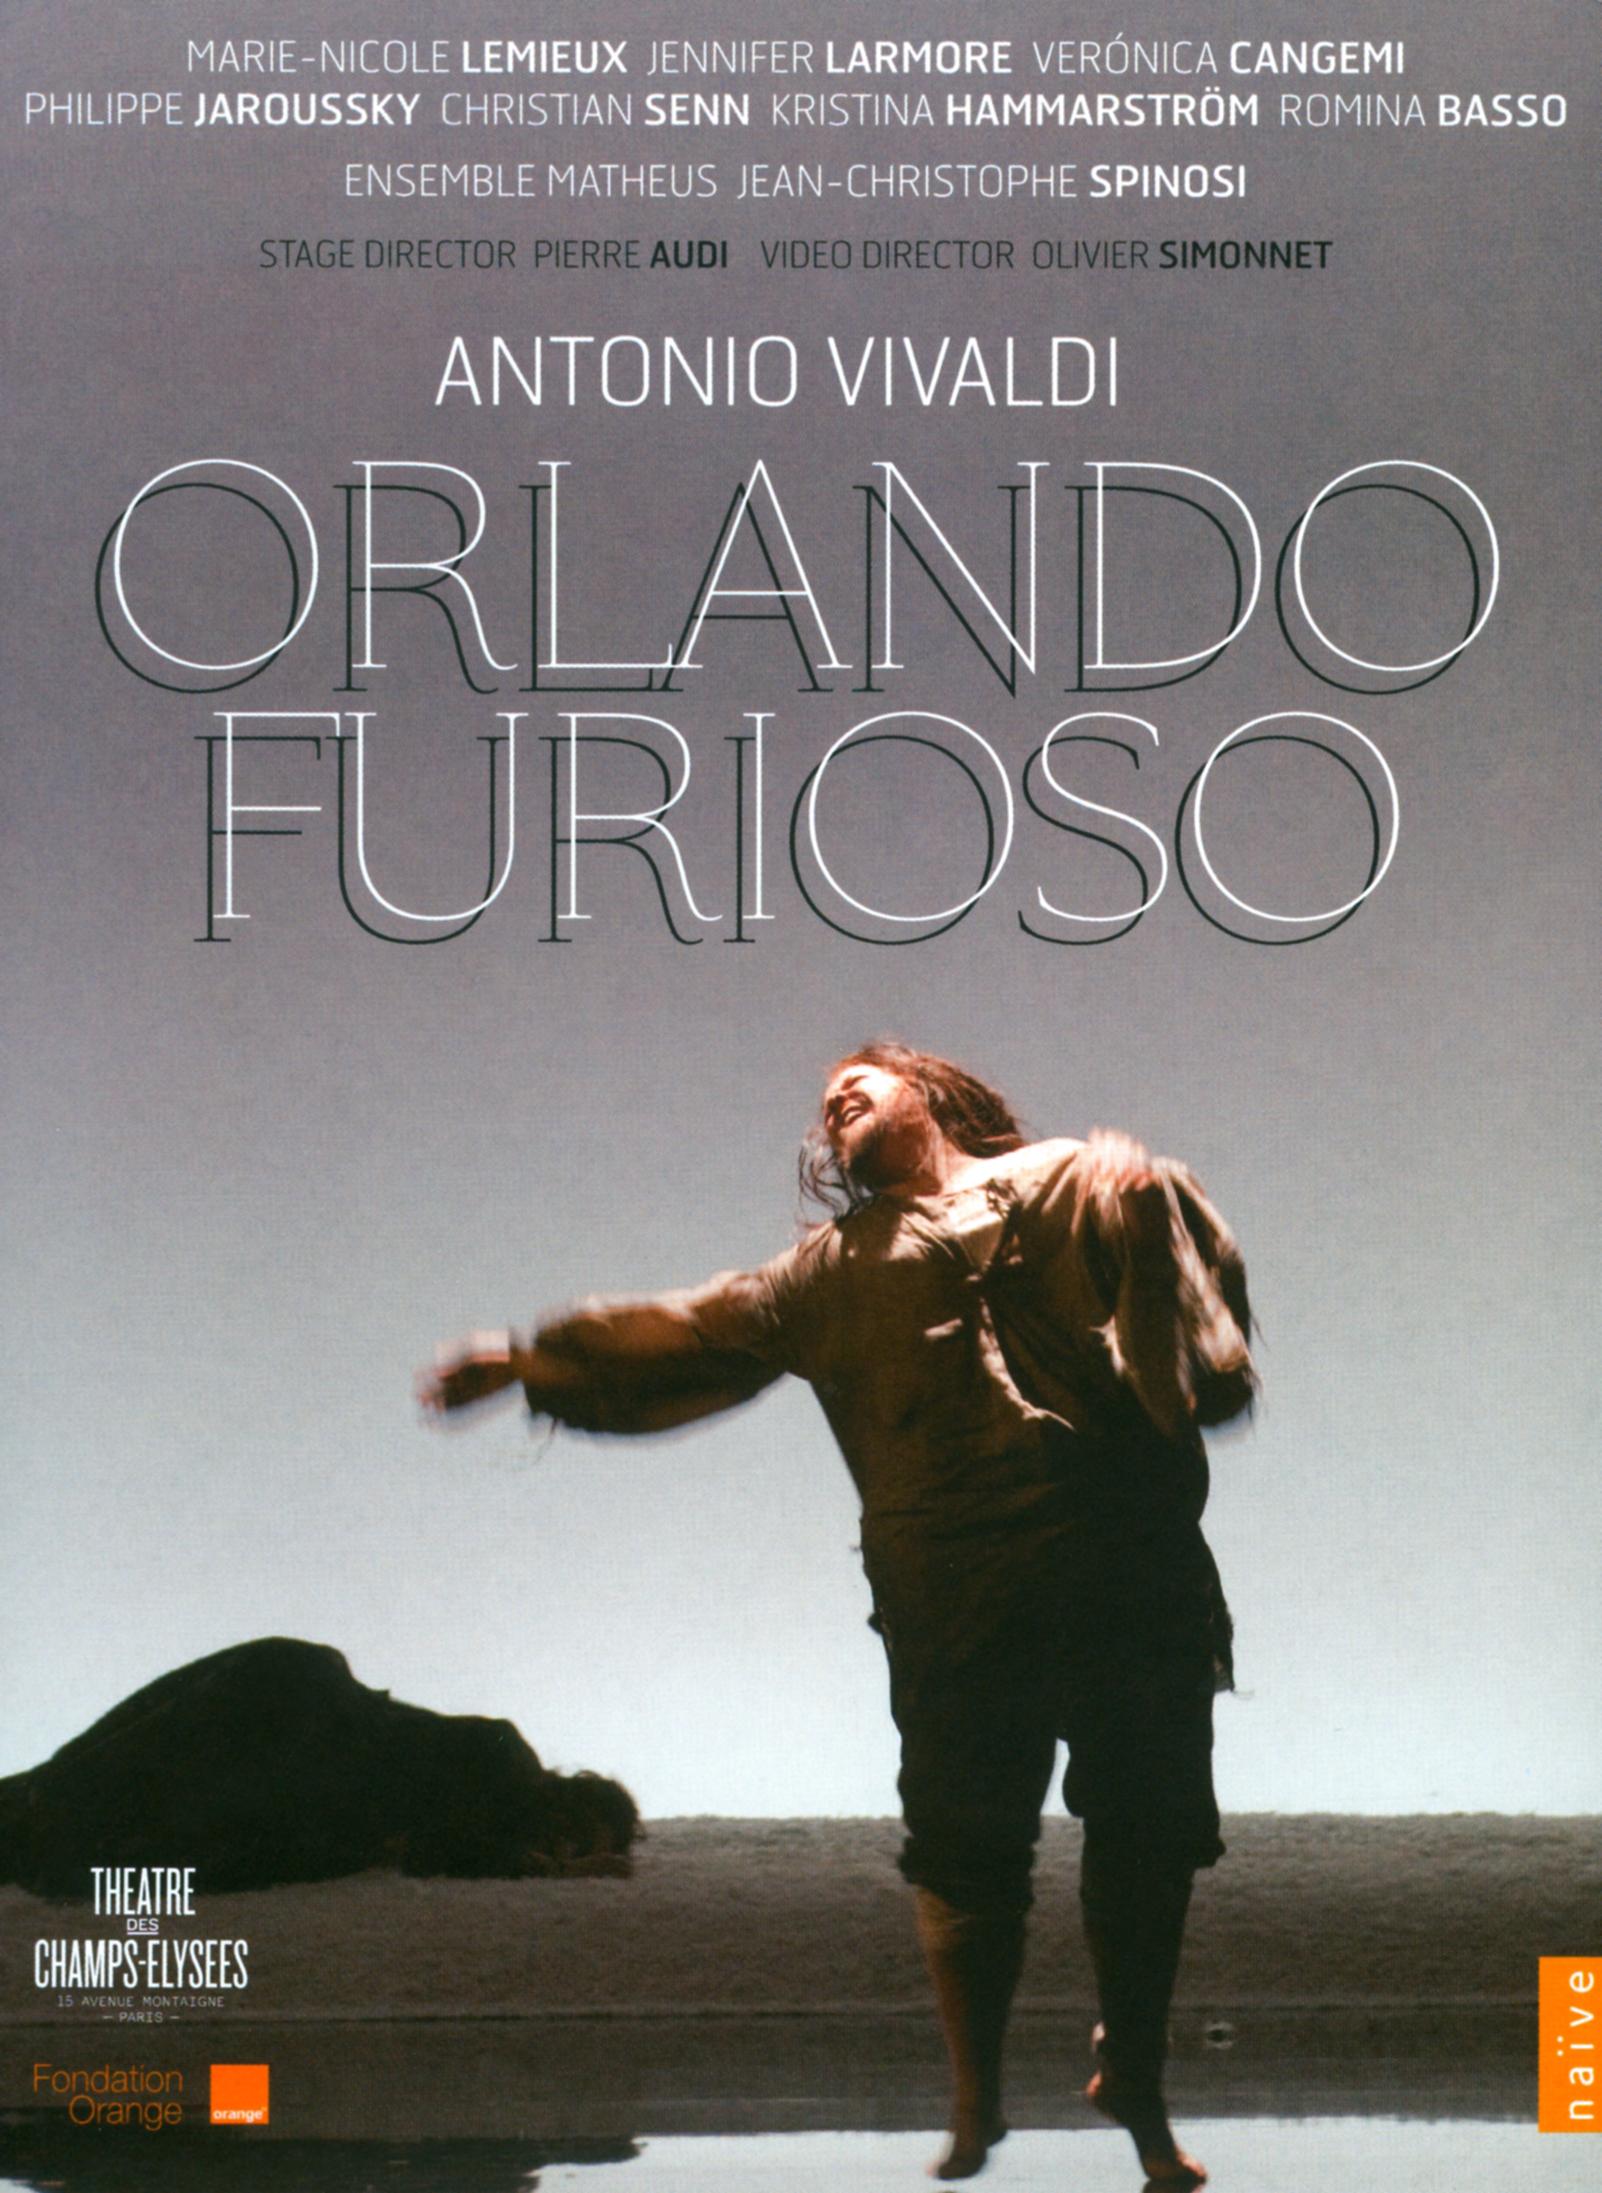 Orlando Furioso (Théâtre des Champs-Elysées)